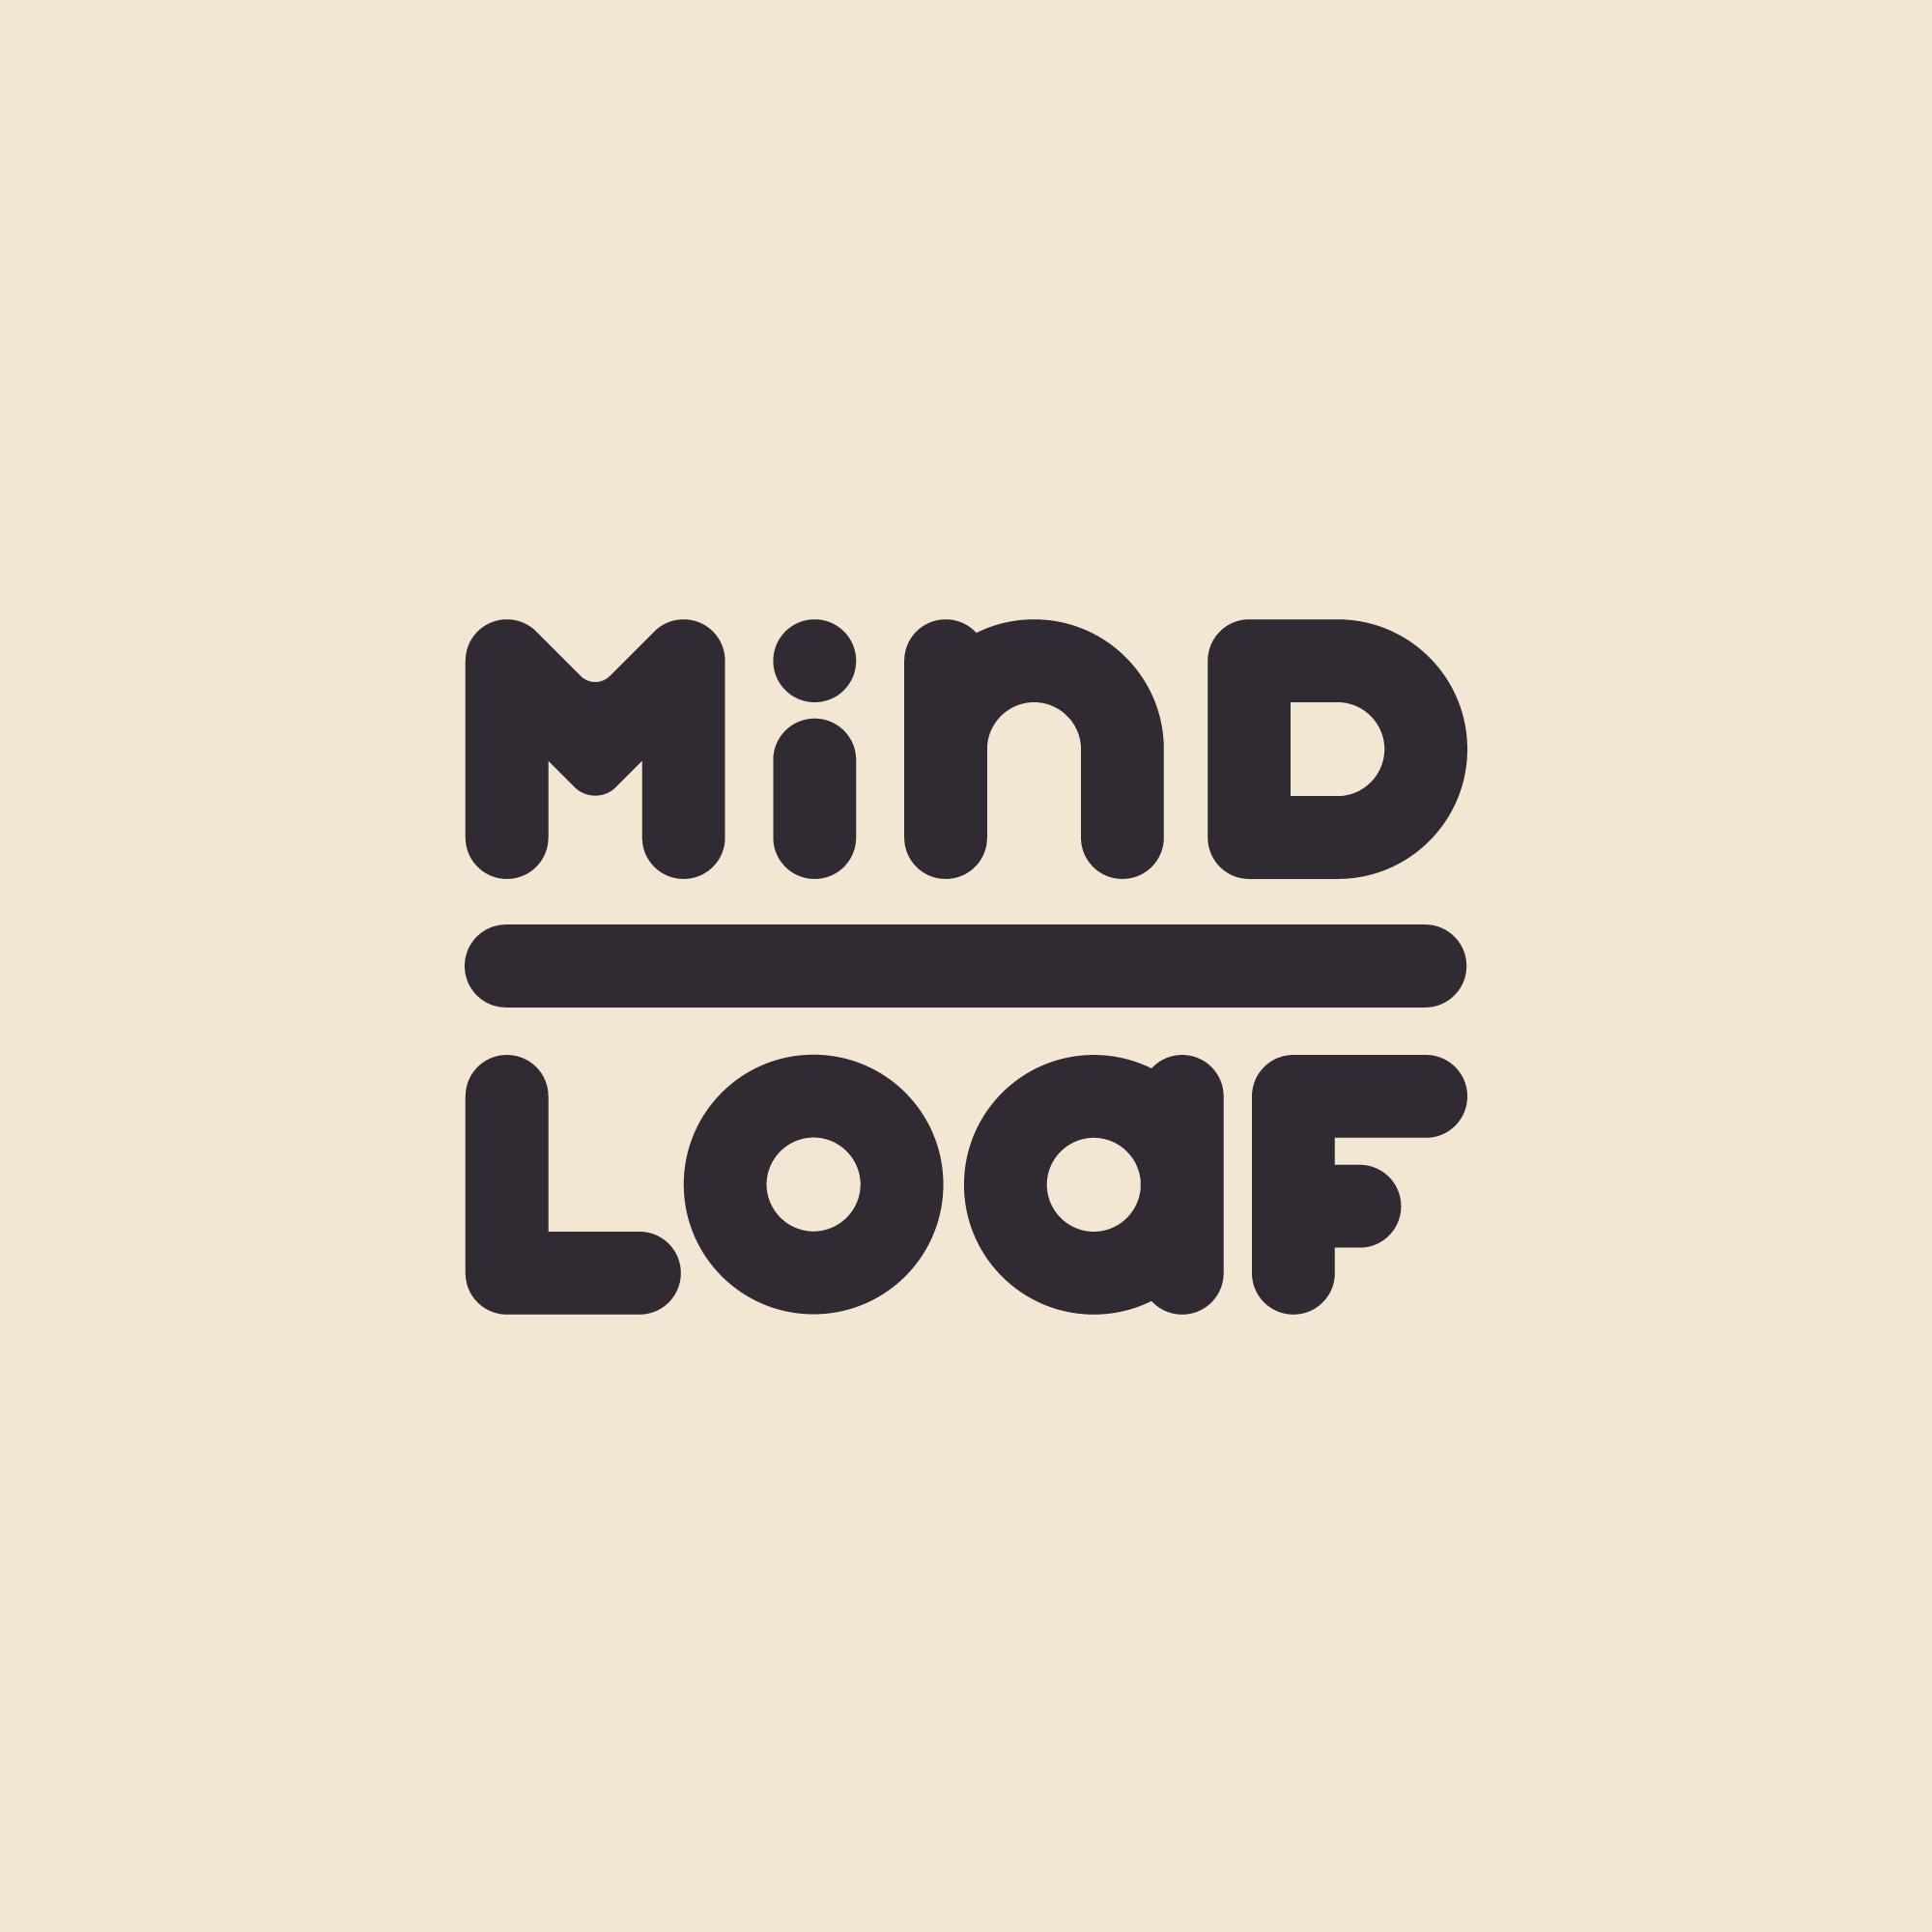 MindLoaf logo tan